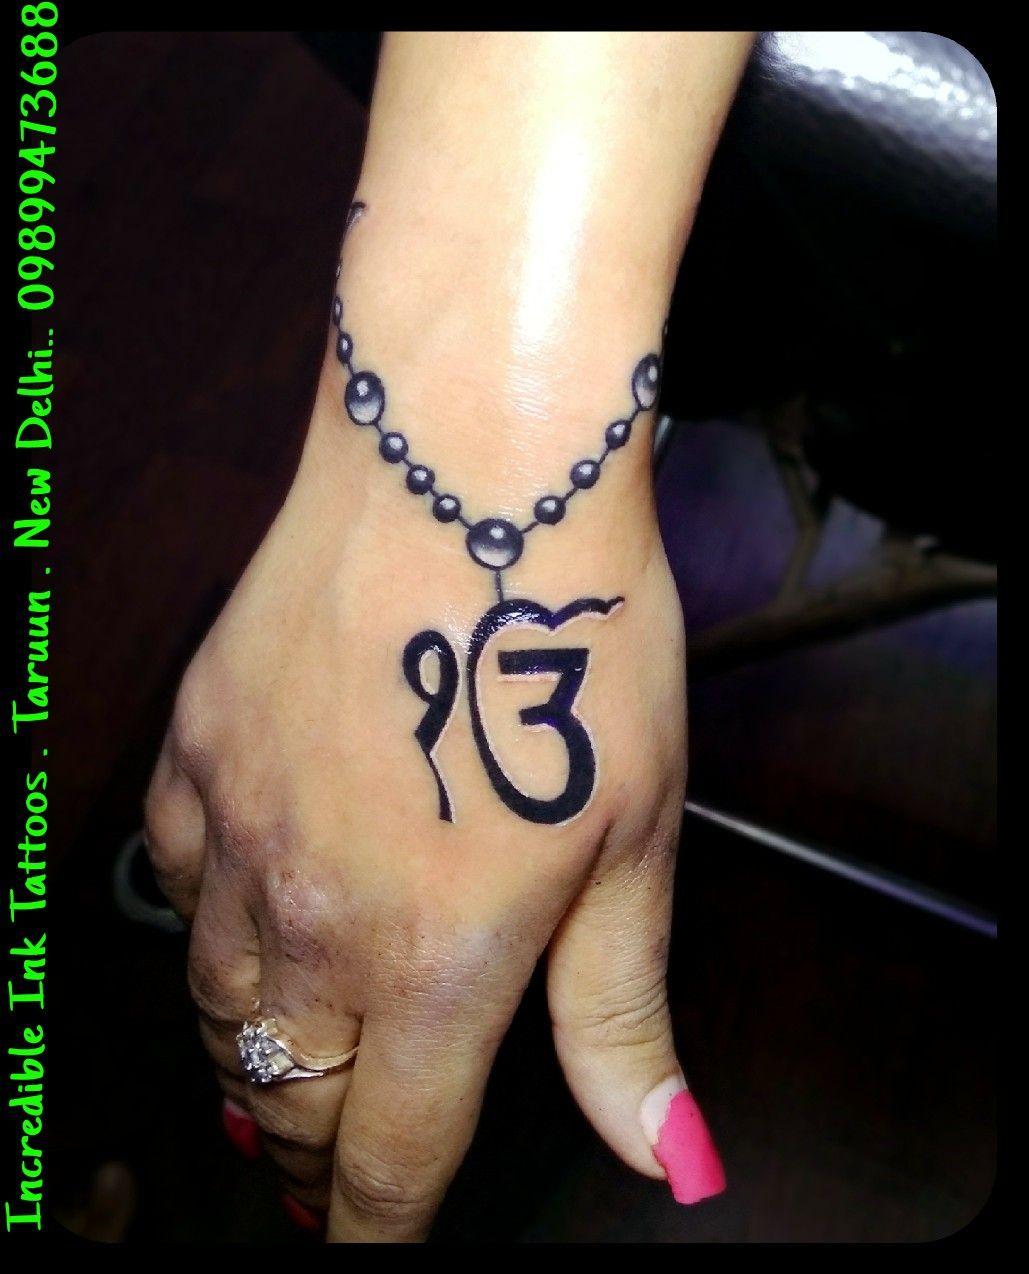 Ikonkar Bracelet 3d Tattoo Ikonkar Bracelet 3d Tattoos Wrist